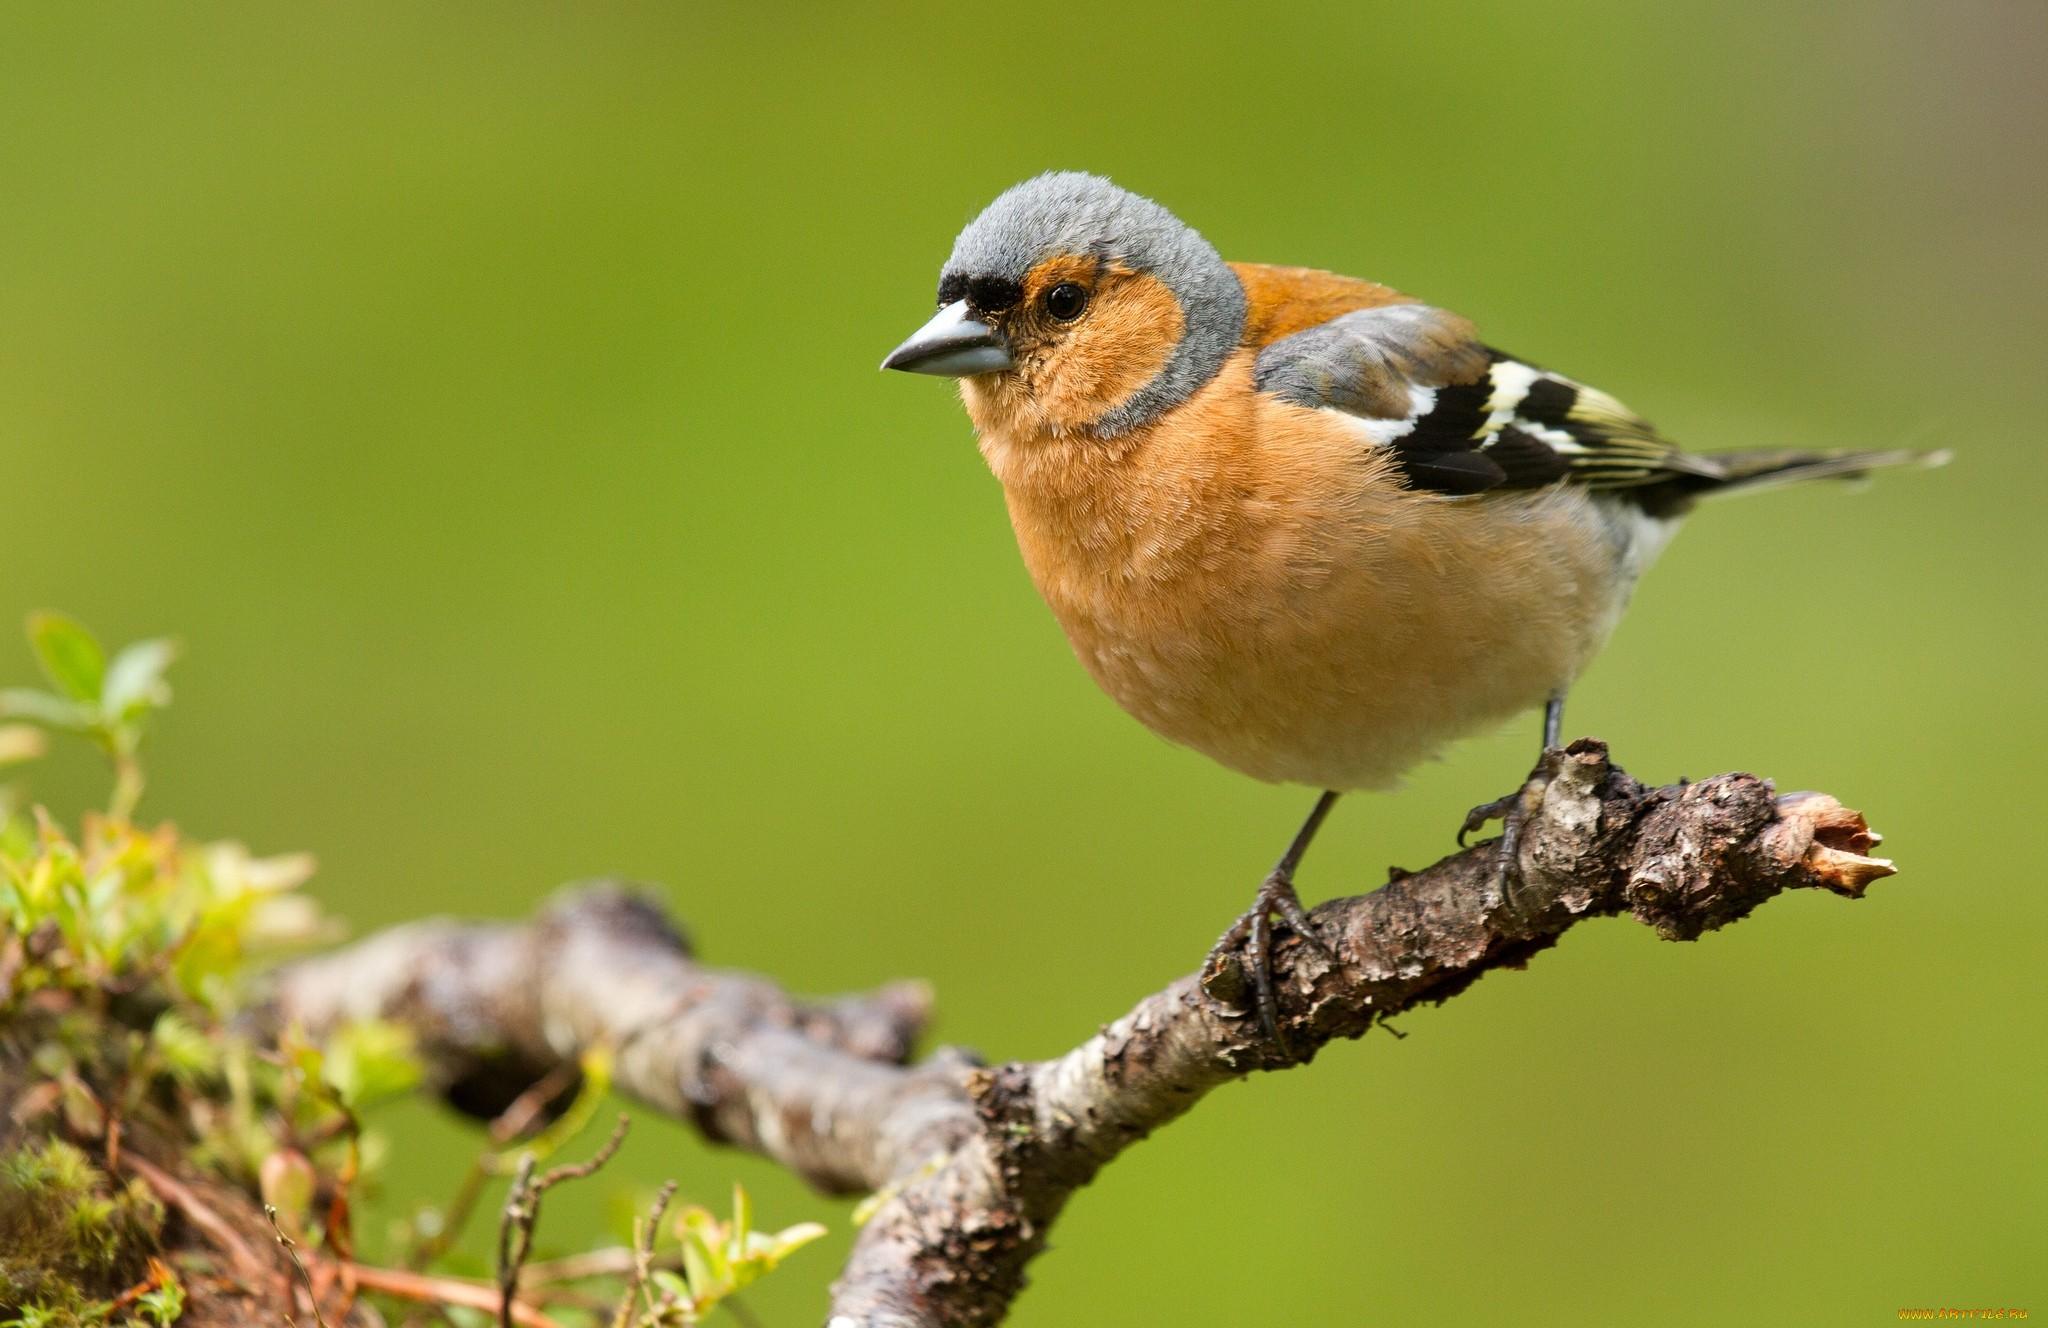 хотите восстановить зяблик фото птица тебе кажется